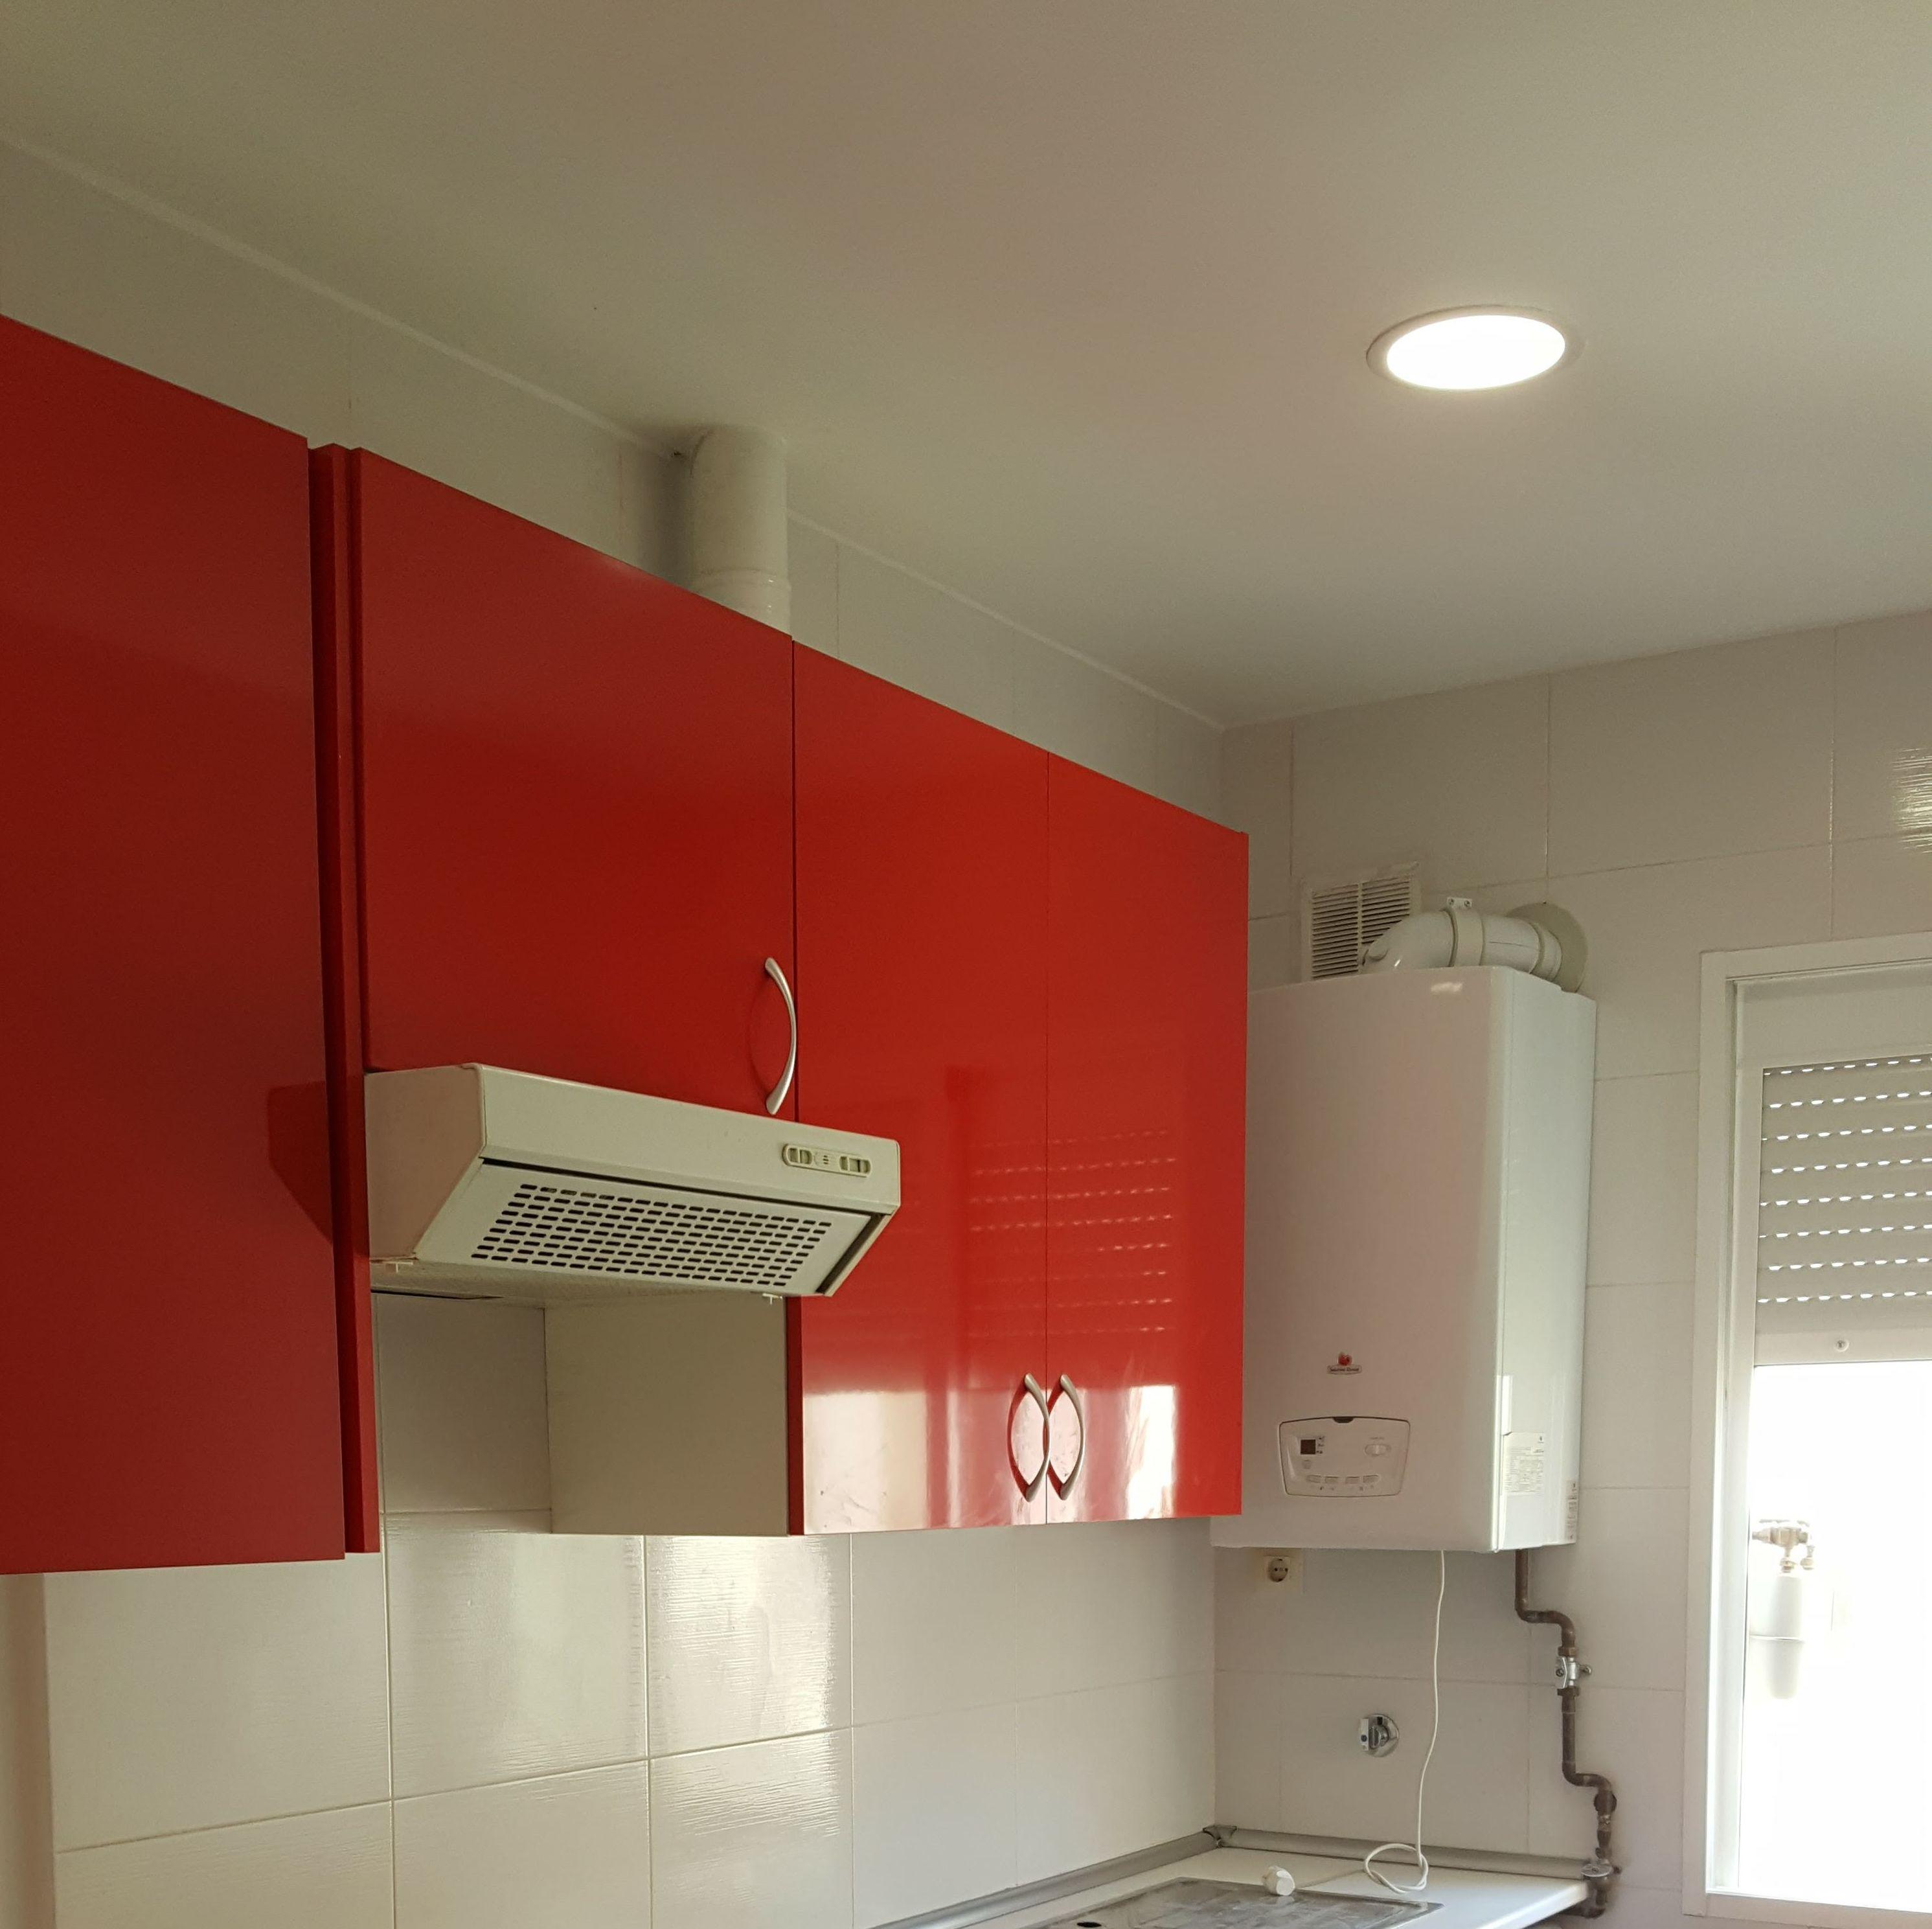 cocina de formica rojo alto brillo